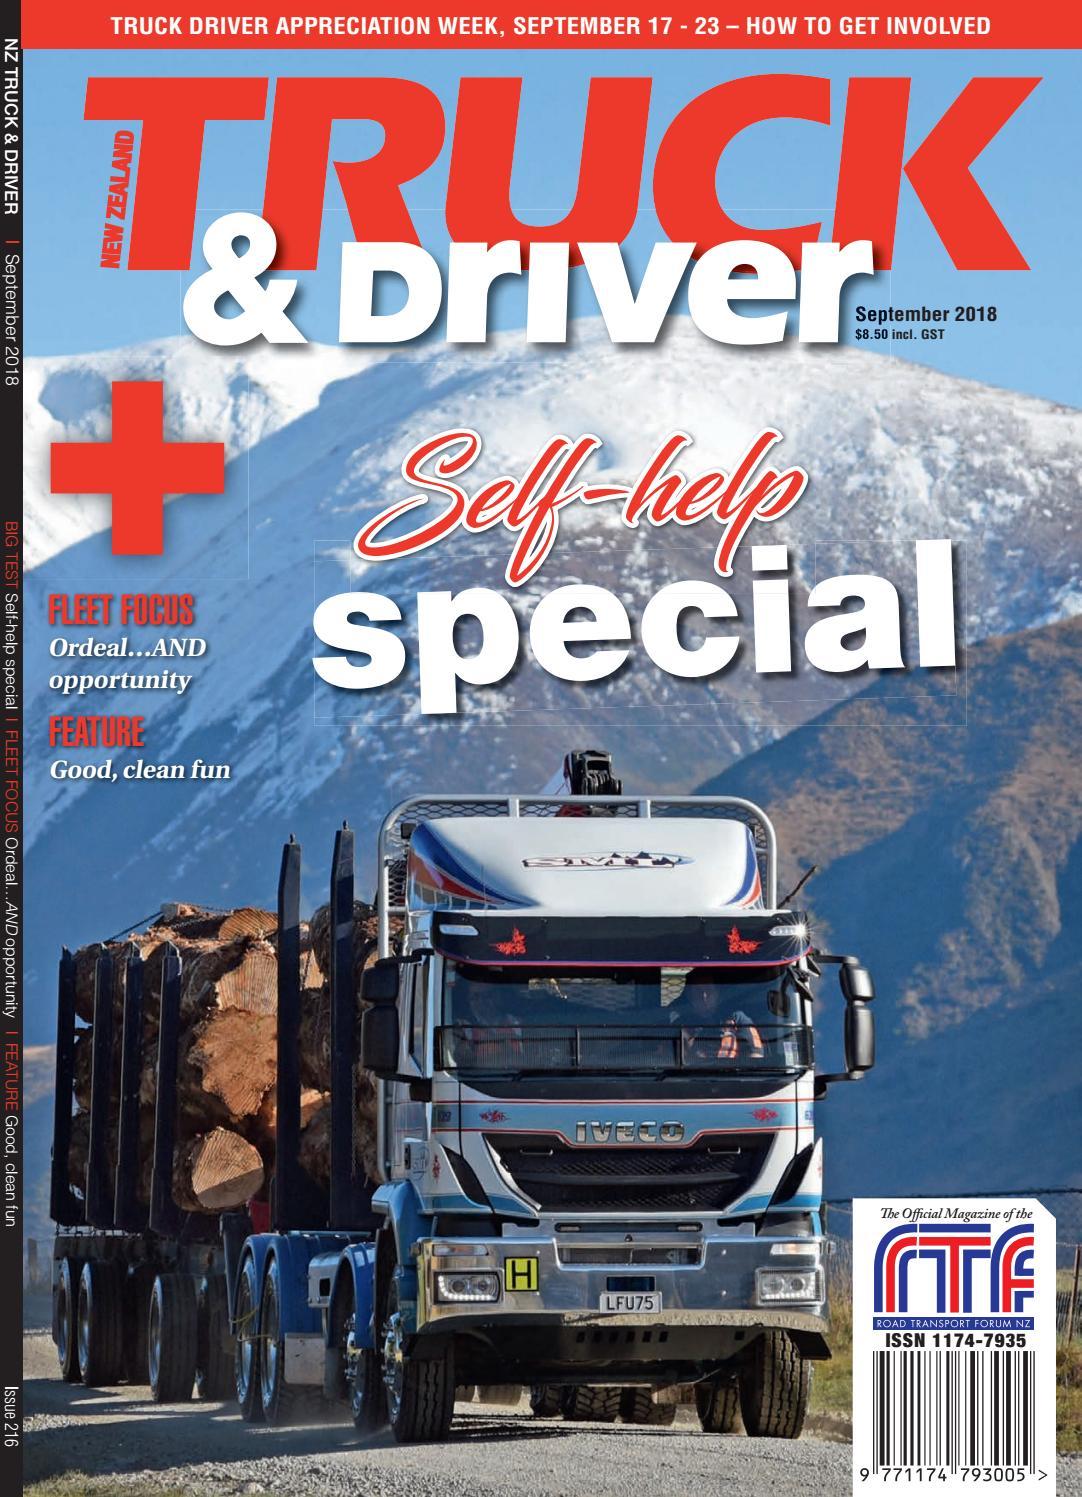 NZ Truck & Driver September 2018 by NZ Truck & Driver - issuu